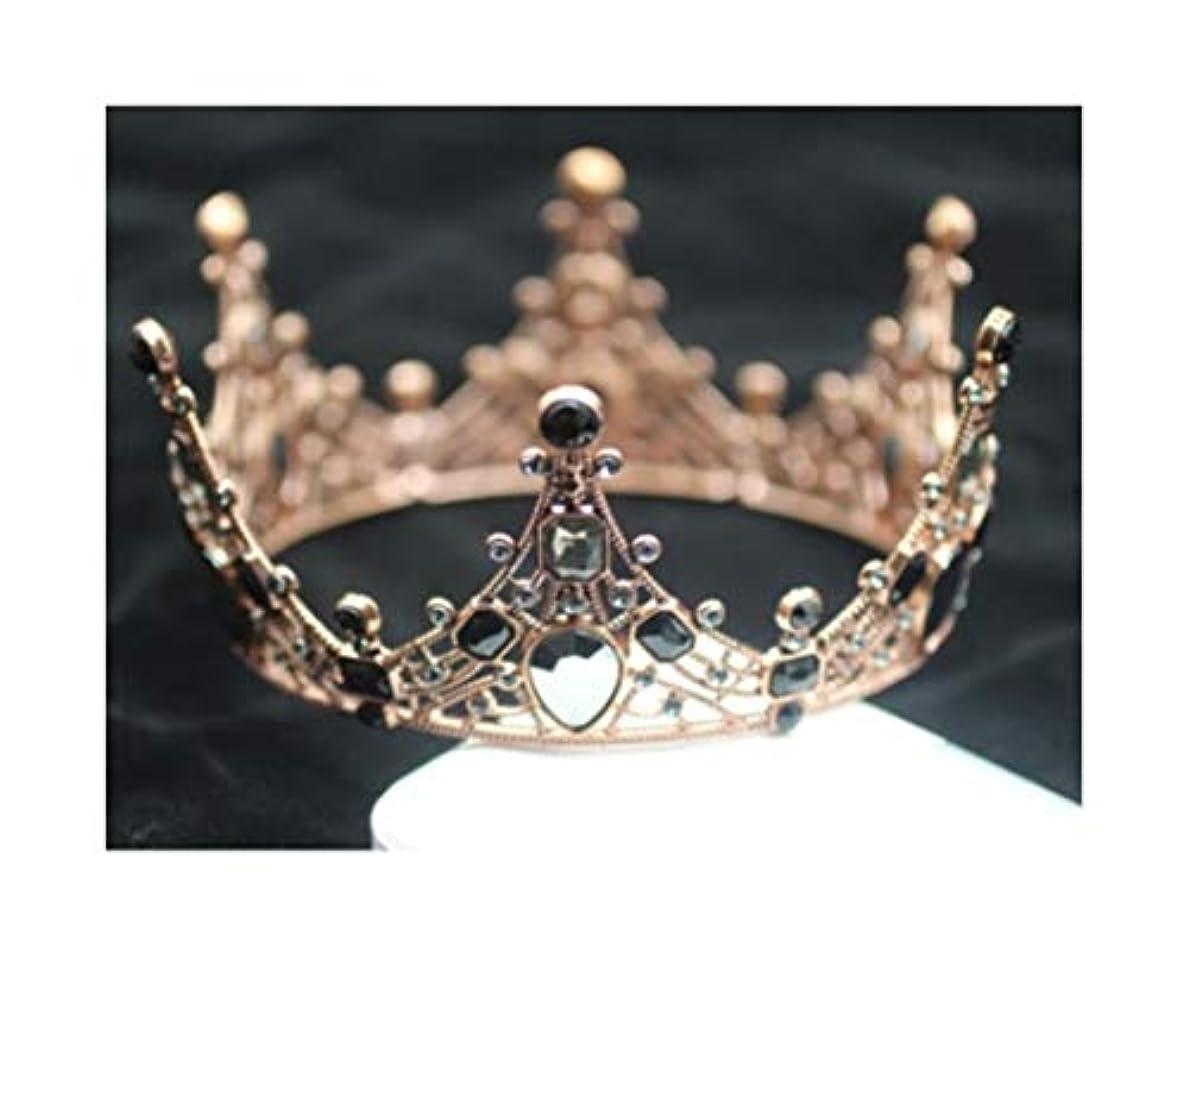 キャンディーリハーサル特別にクラウンケーキのデコレーションの装飾品の誕生日パーティーのベーキングの装飾の大人の女王の王冠ティアラ子供の王冠の金ミニ王冠 (スタイル : 1#)